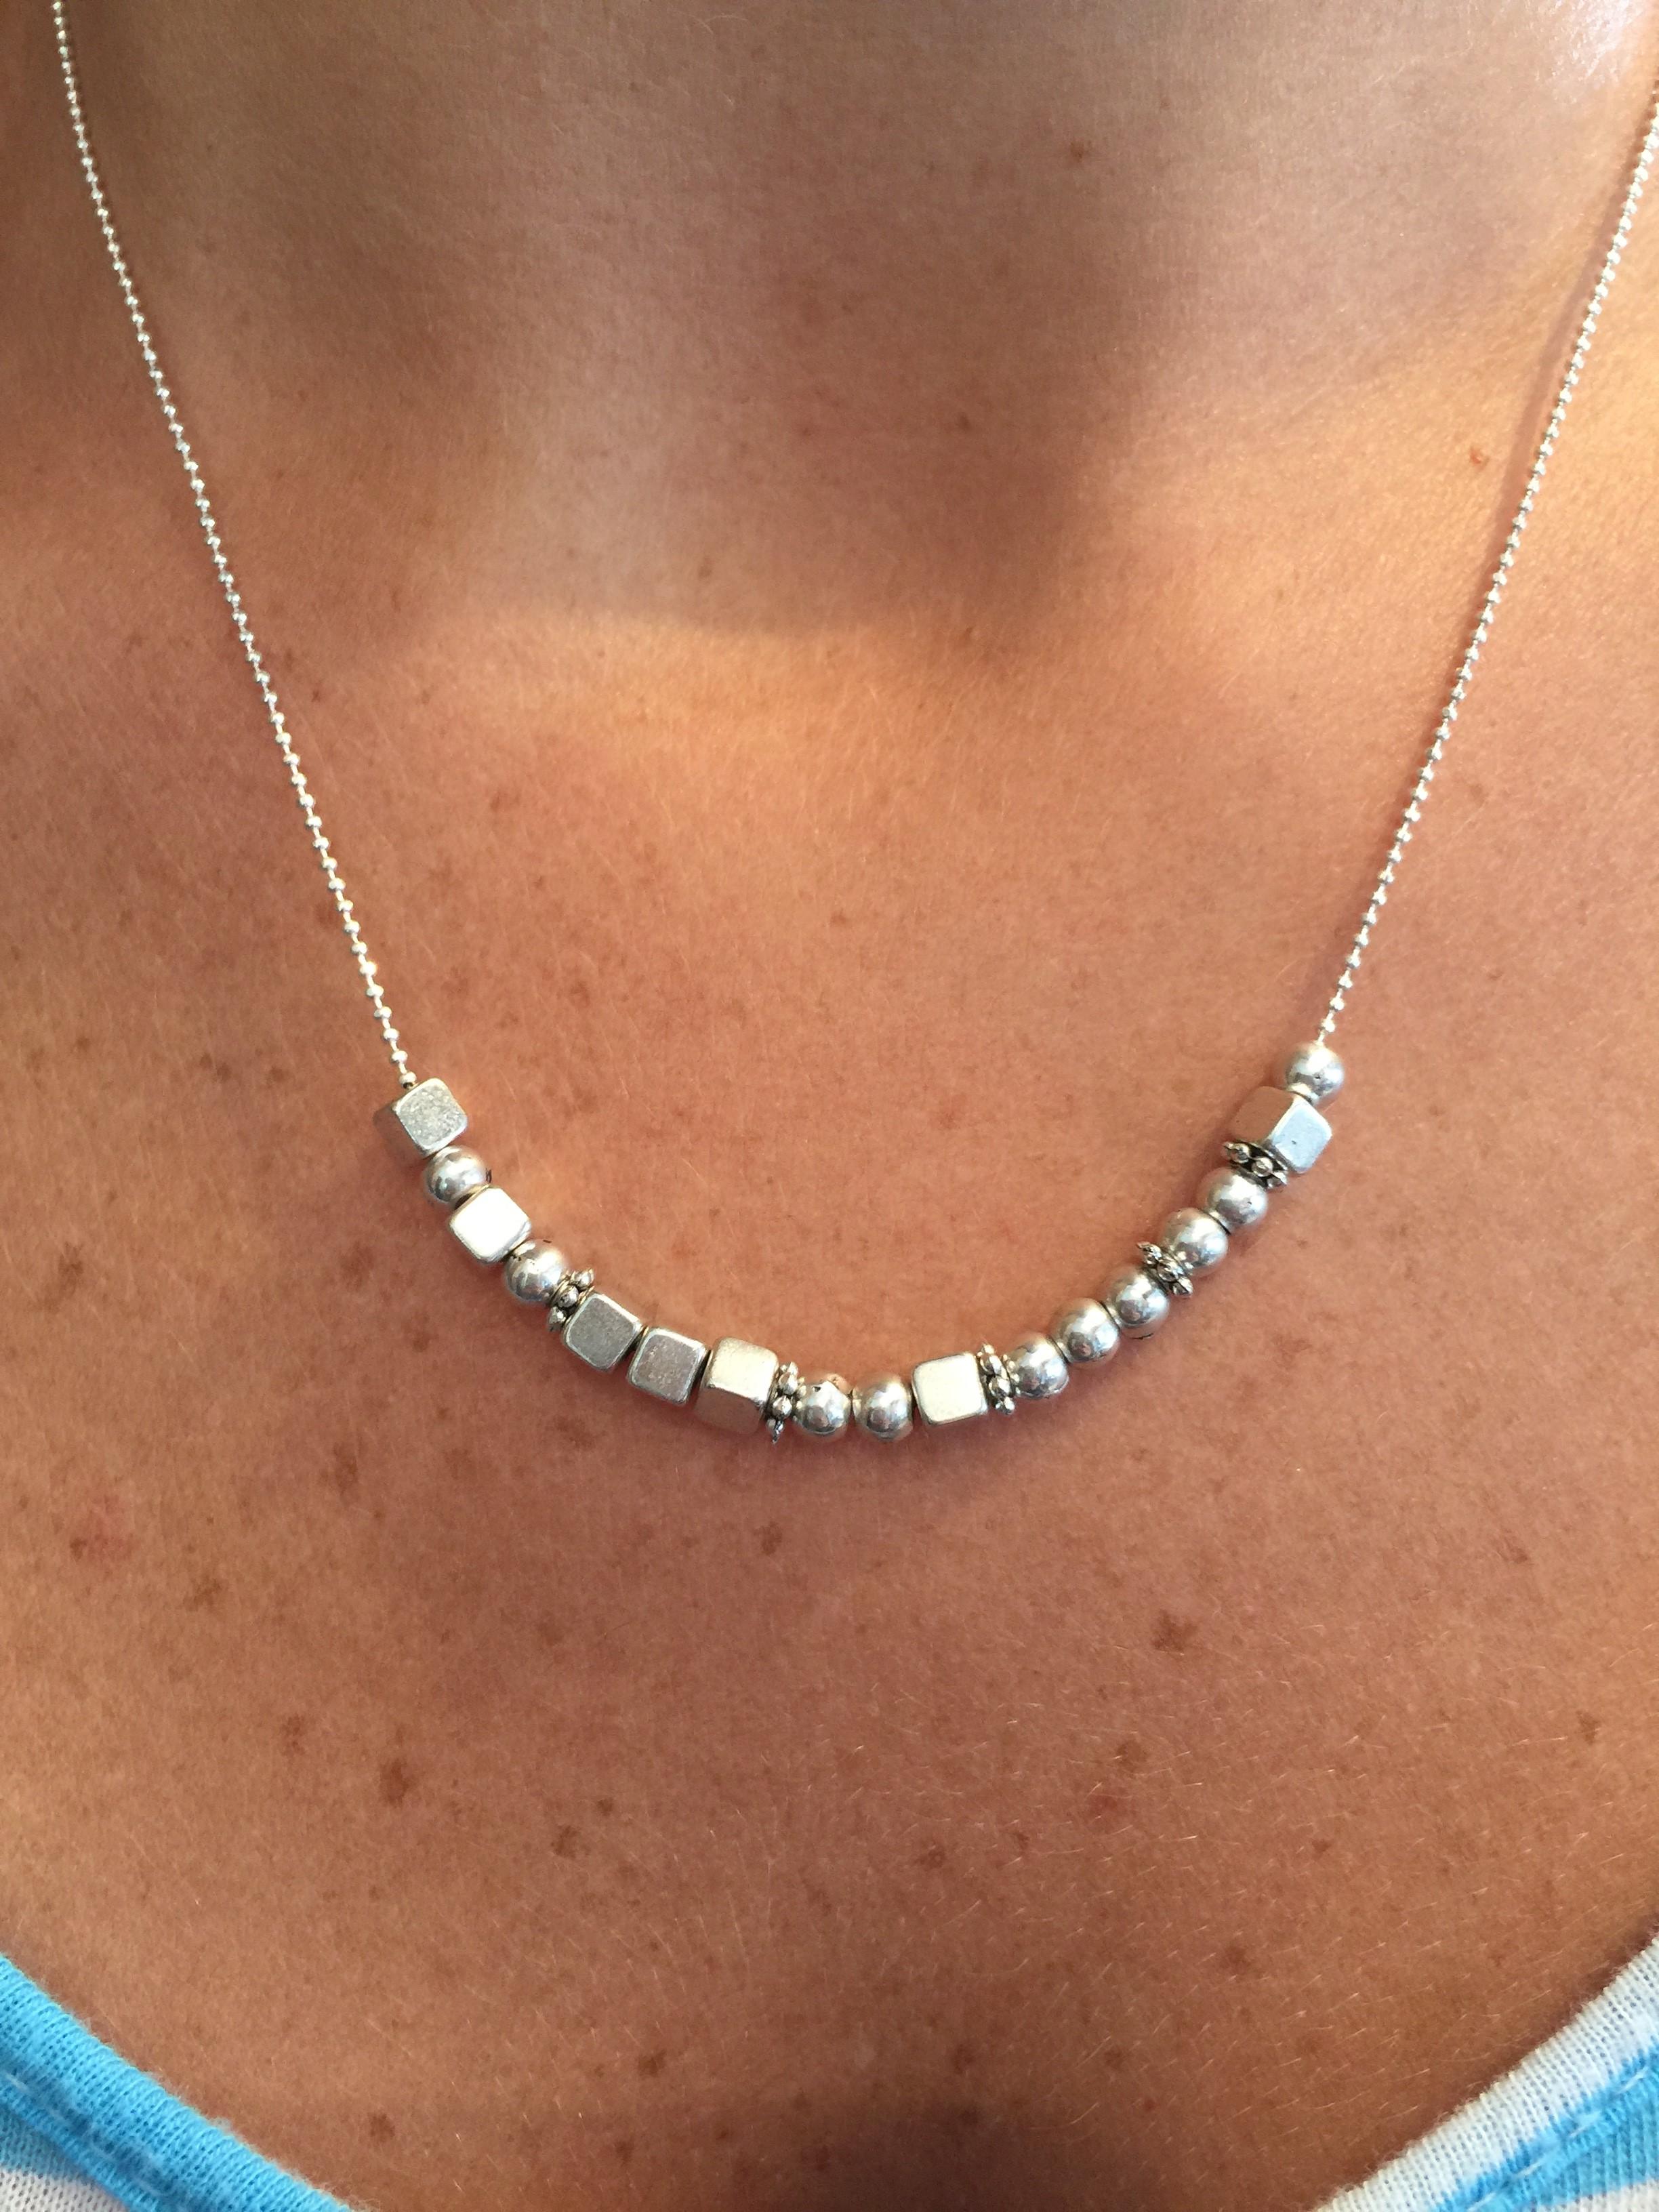 cousin morse code silver necklace � cousin � silver